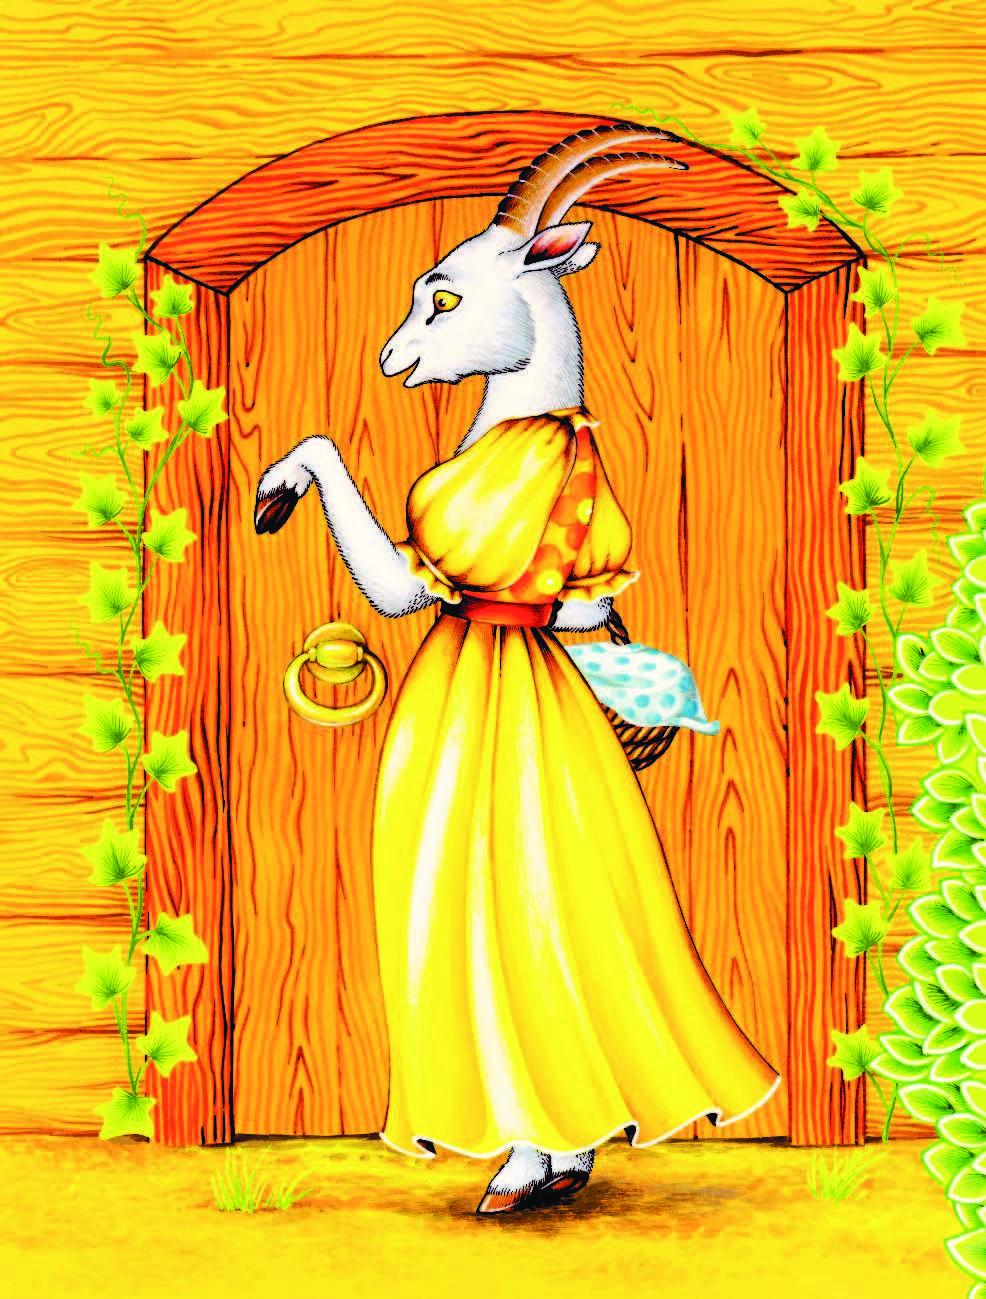 картинка козленка из сказки про семеро козлят приватные ранги